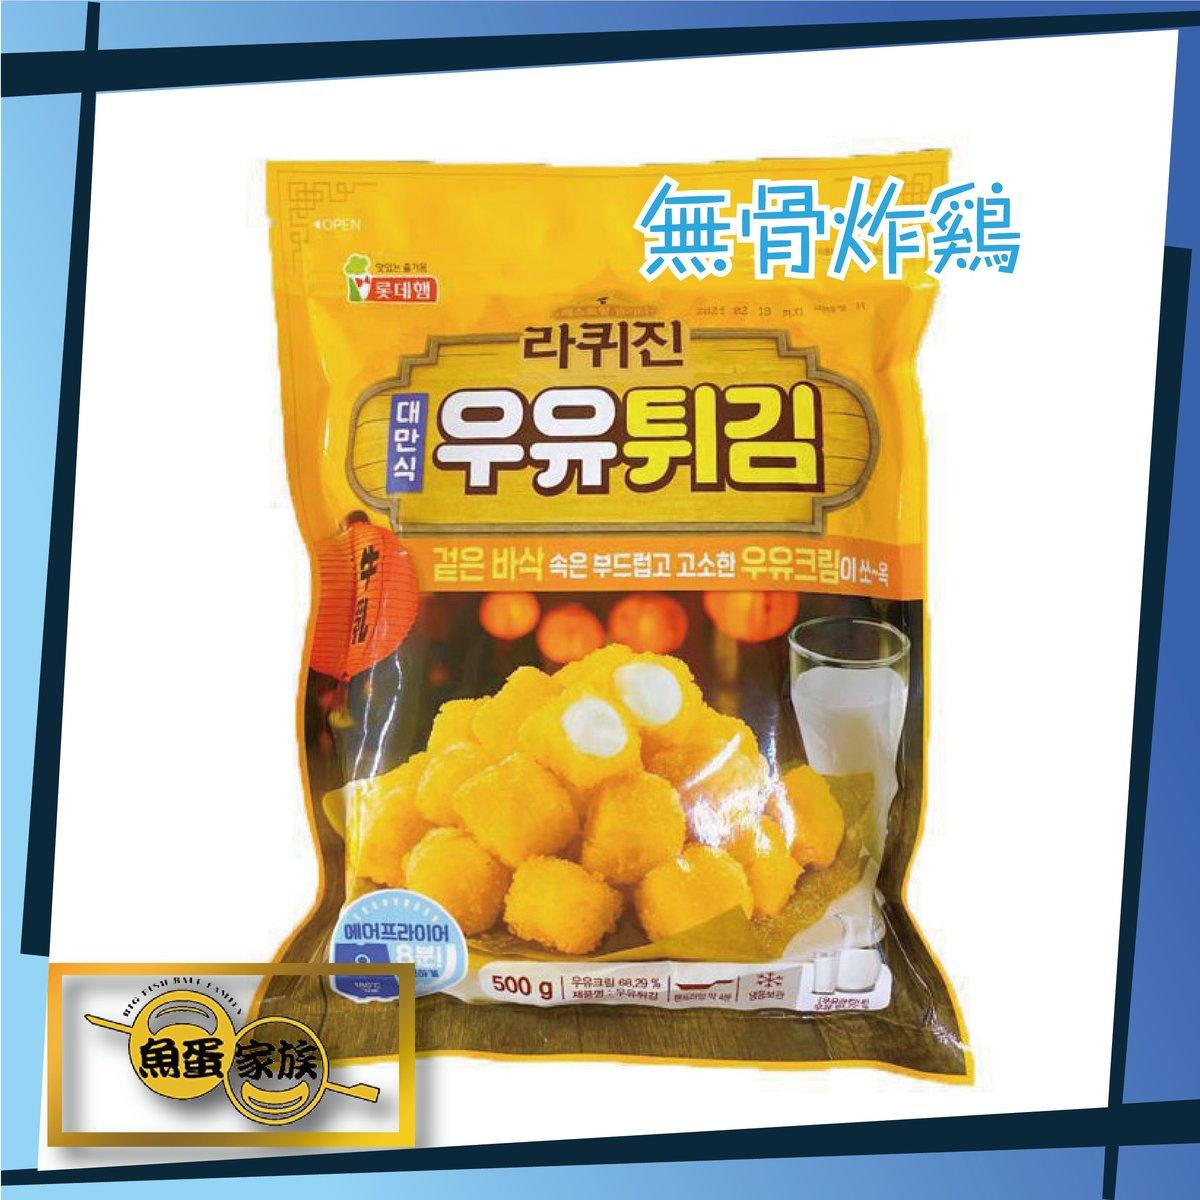 韓國脆脆無骨炸雞 500g